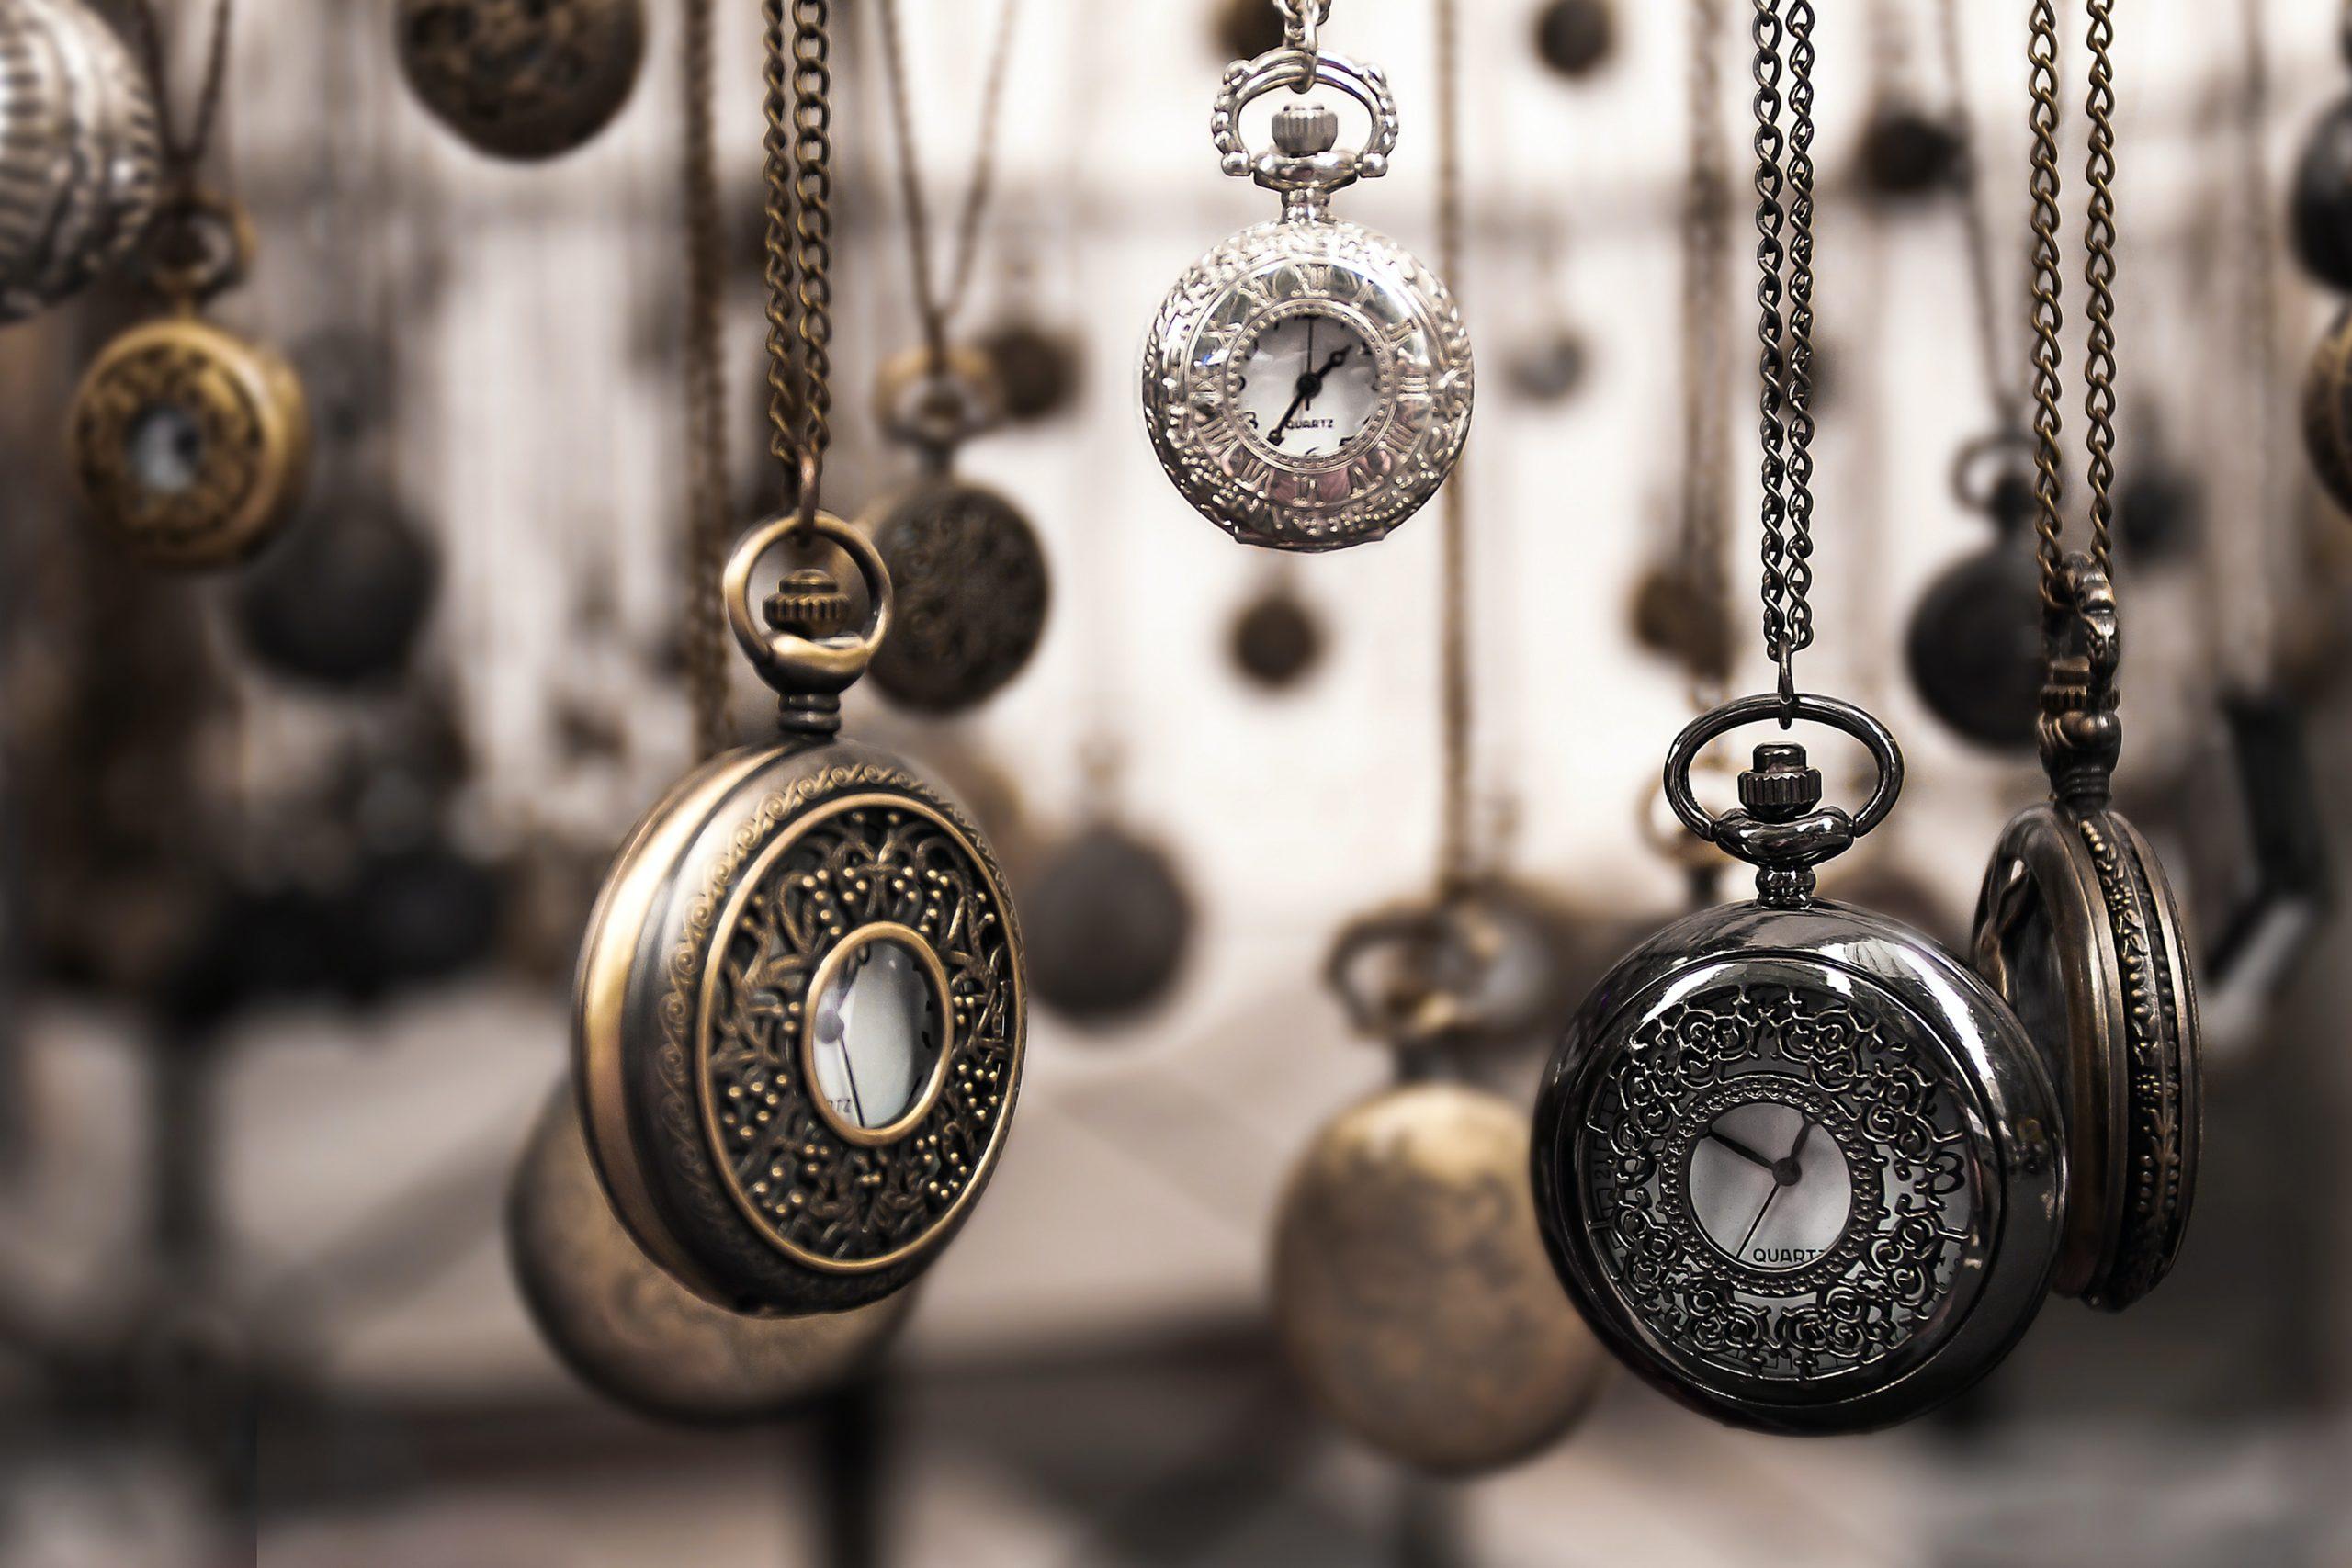 limpiar relojes de plata